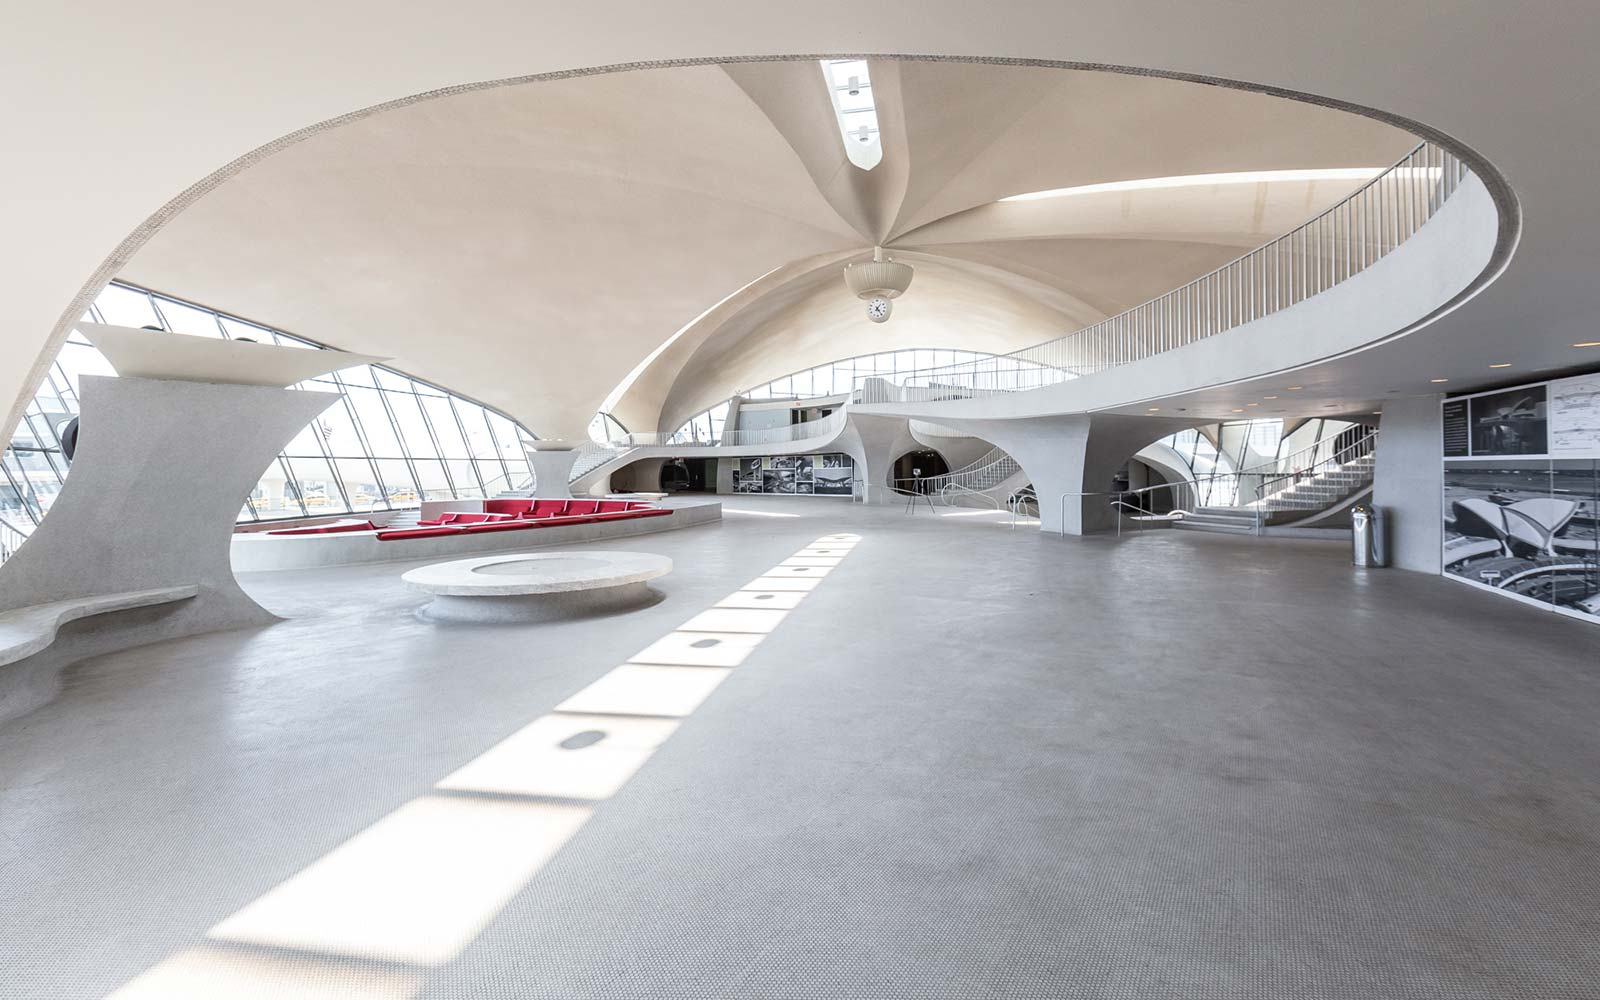 lobby-eero-saarinen-twa-terminal-jfk-airport-TWAHOTEL0917.jpg